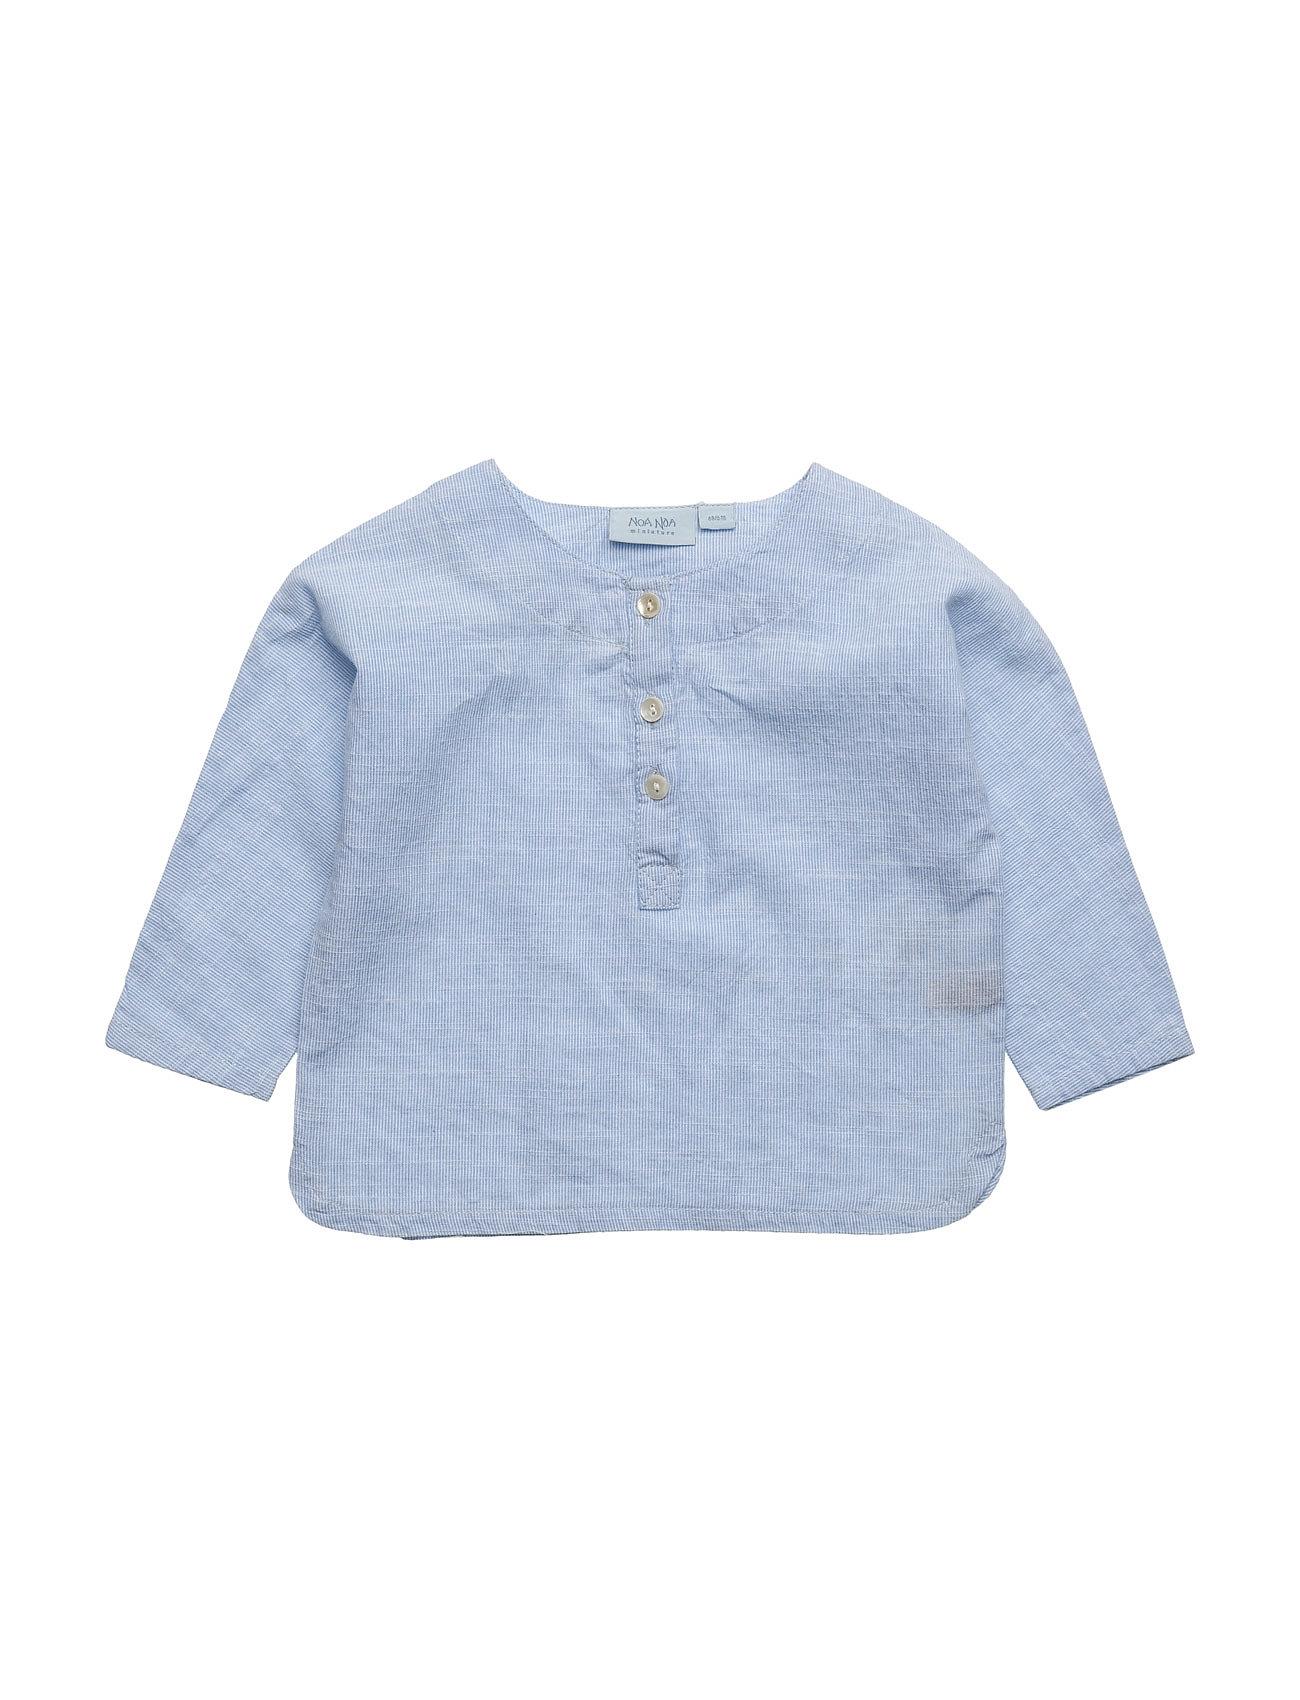 Blouse Noa Noa Miniature Bluser & Tunikaer til Børn i